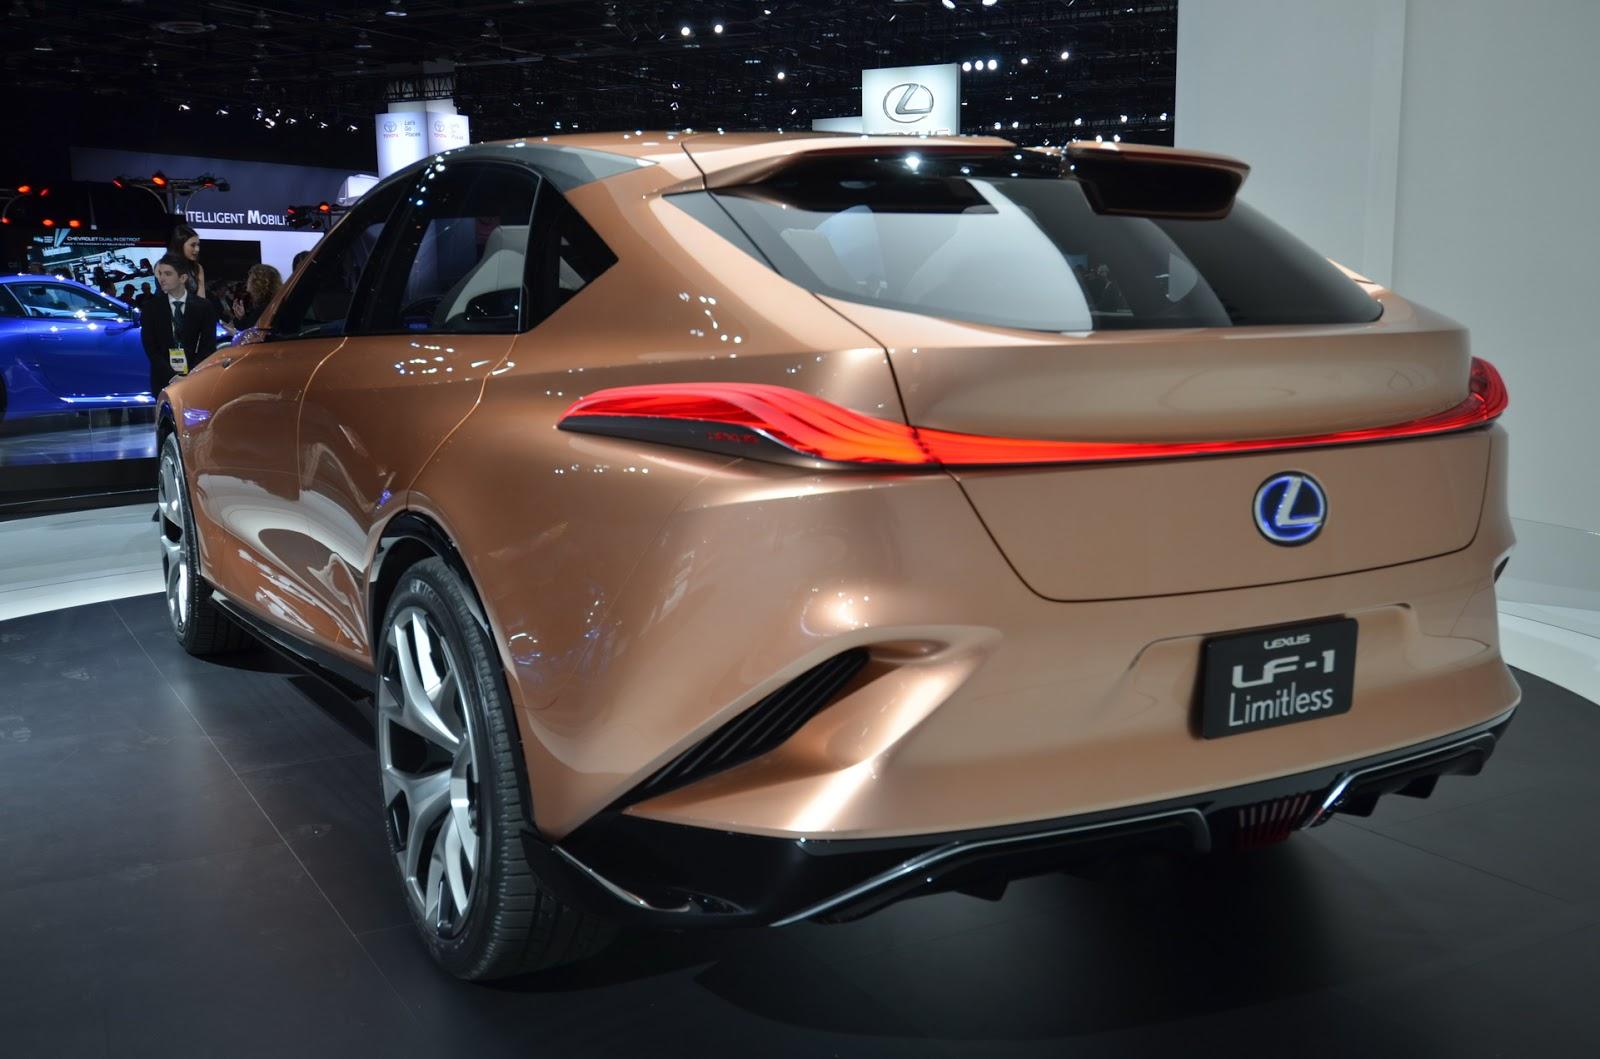 Lexus-LF-1-3.JPG